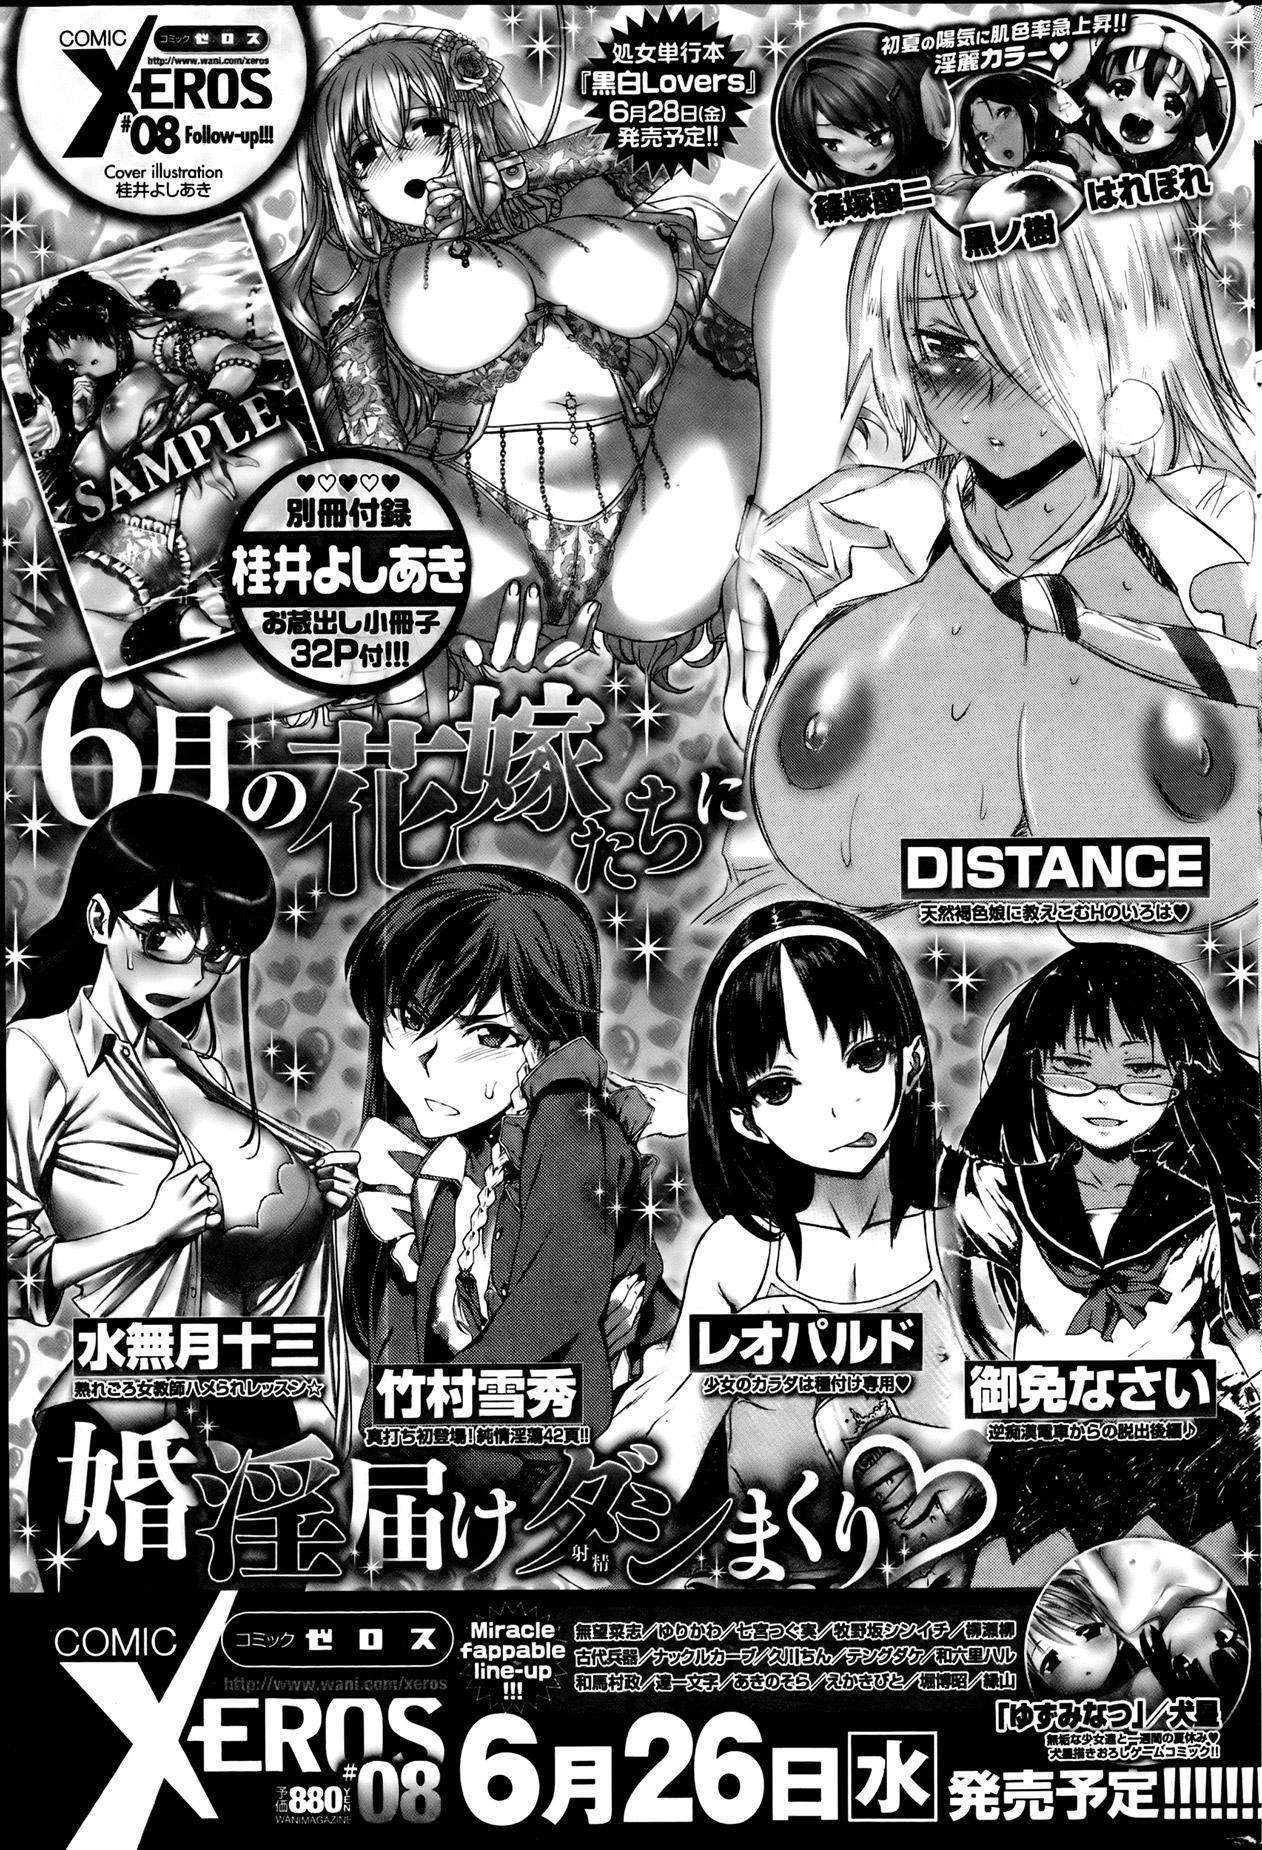 COMIC HANA-MAN 2013-08 Takeda Hiromitsu Tokushuu 218